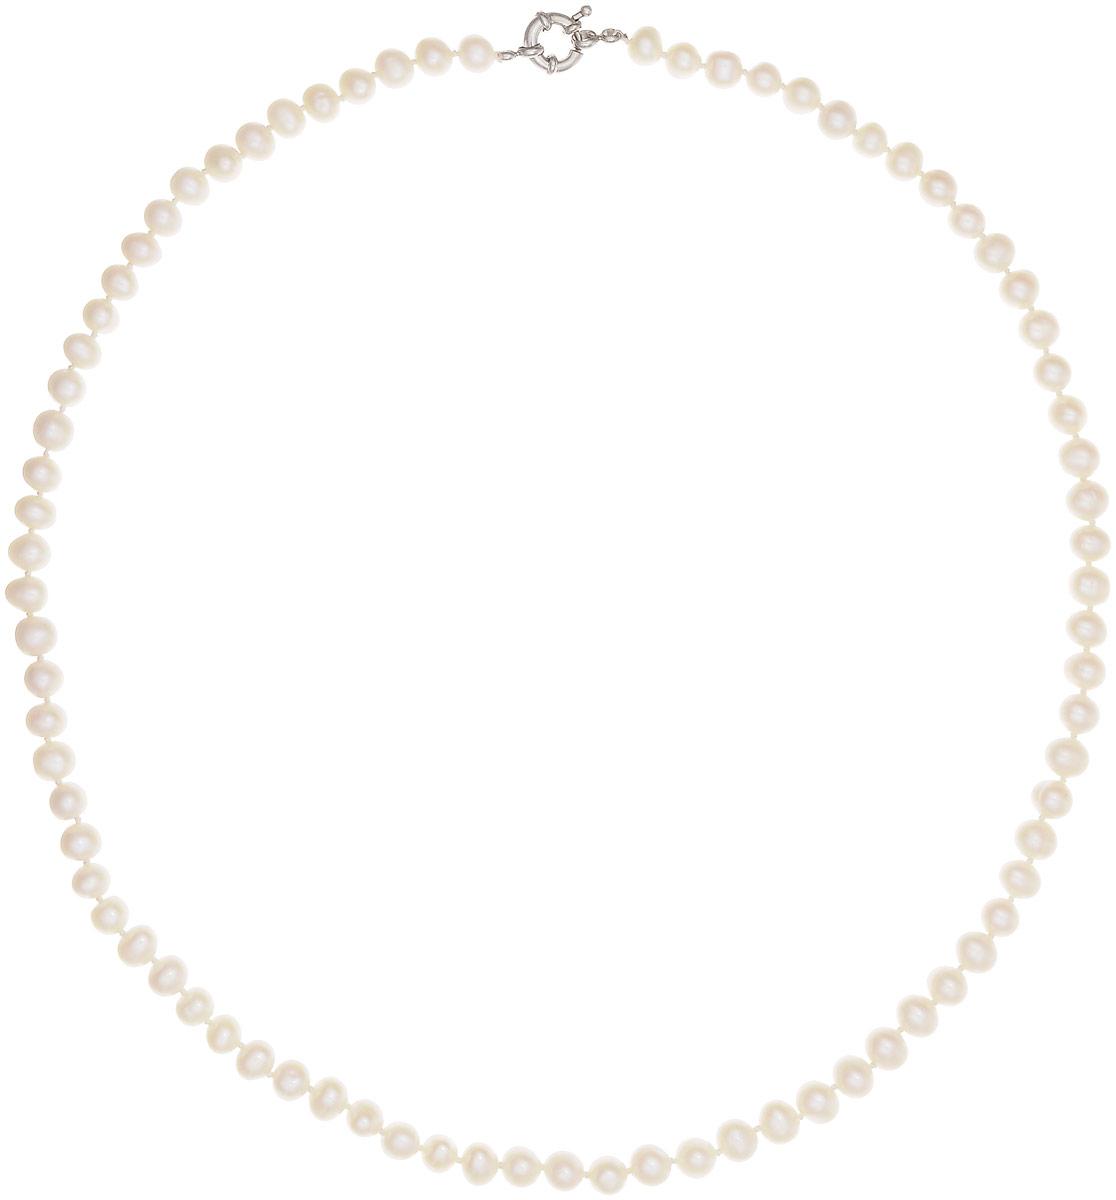 Бусы Art-Silver, цвет: перламутровый, длина 60 см. КЖб7-8АА+-60-878Бусы-ниткаБусы Art-Silver выполнены из бижутерного сплава и культивированного жемчуга. Изделие оснащено удобной шпренгельной застежкой.